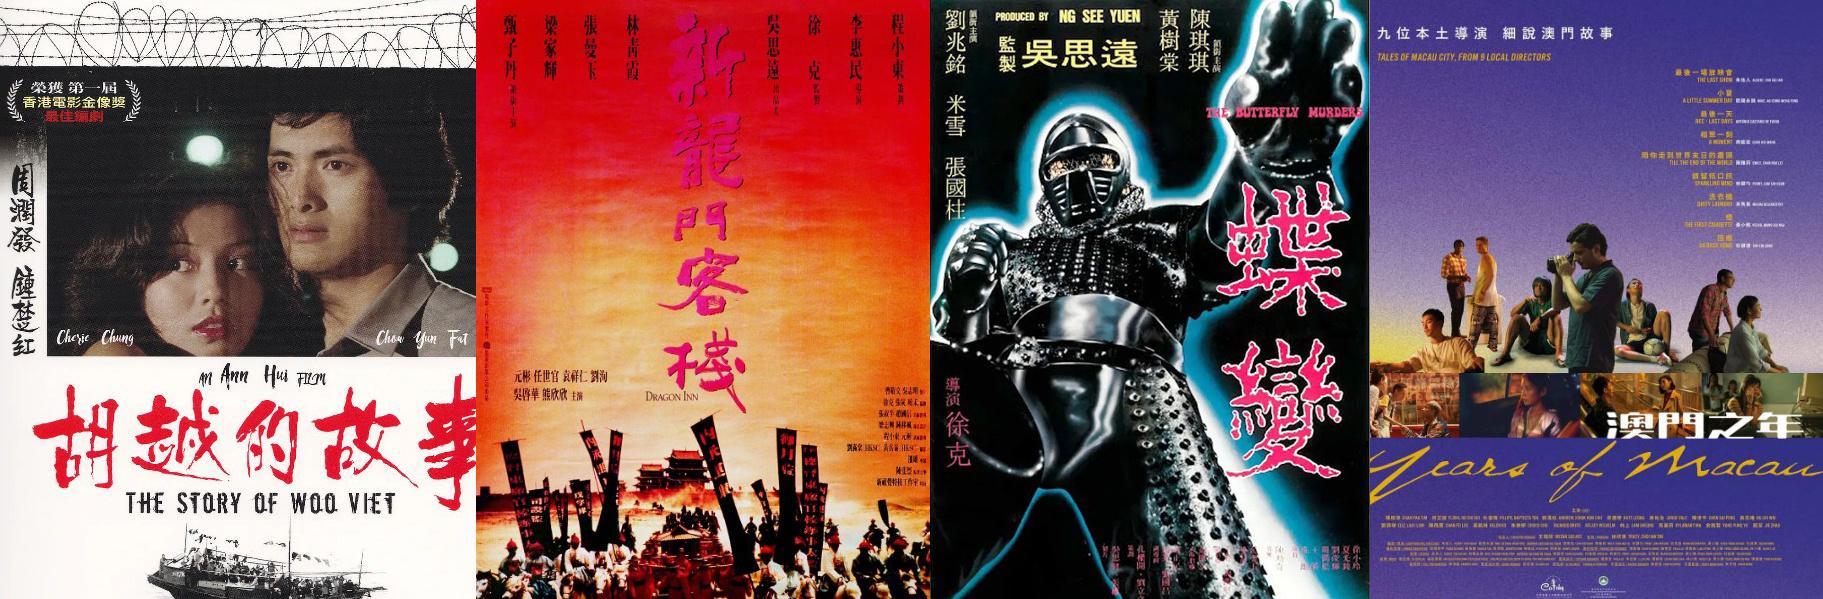 2020金鸡奖港澳台电影节曝光单修版《蝶变》将上映